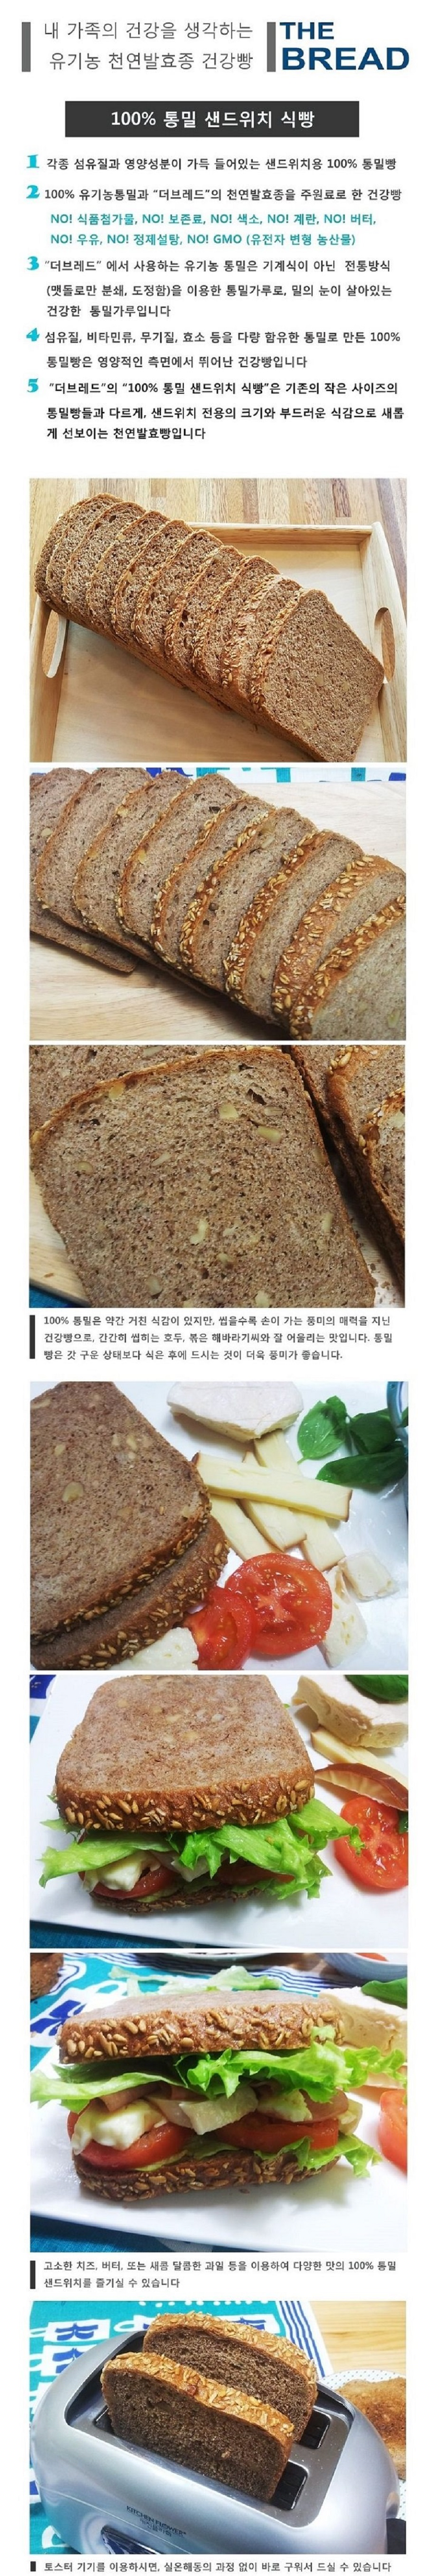 유기농 통밀 건강 샌드위치식빵-뺑드상떼 900g(천연발효건강빵 통밀빵 비건빵) - 더브레드, 18,800원, 쿠키/케익/빵, 빵